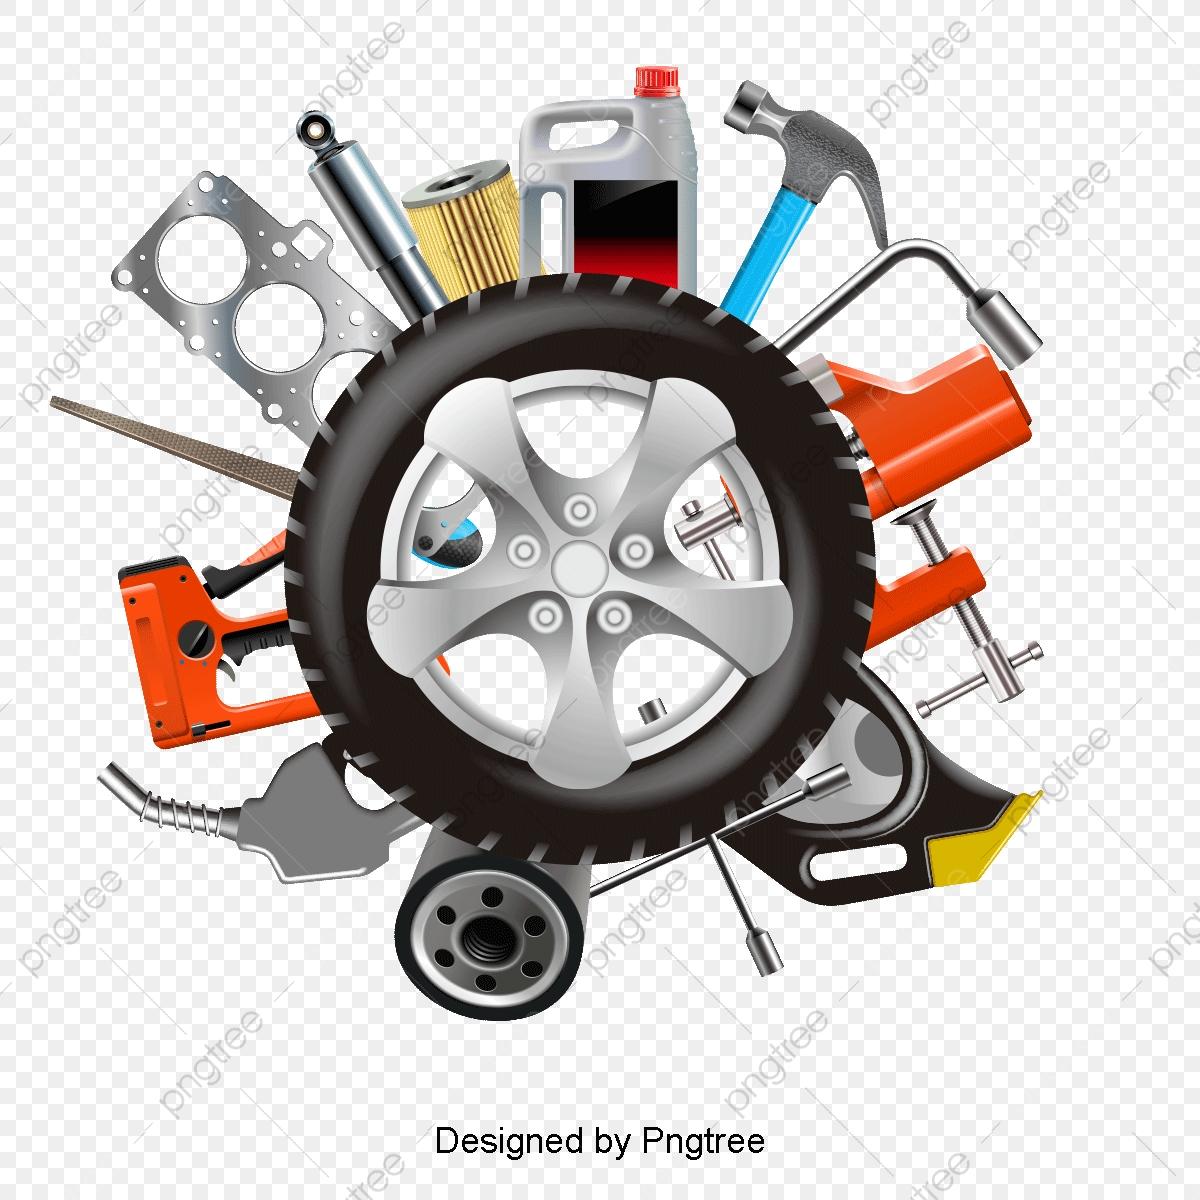 Engine clipart automobile engine. Automotive parts auto png